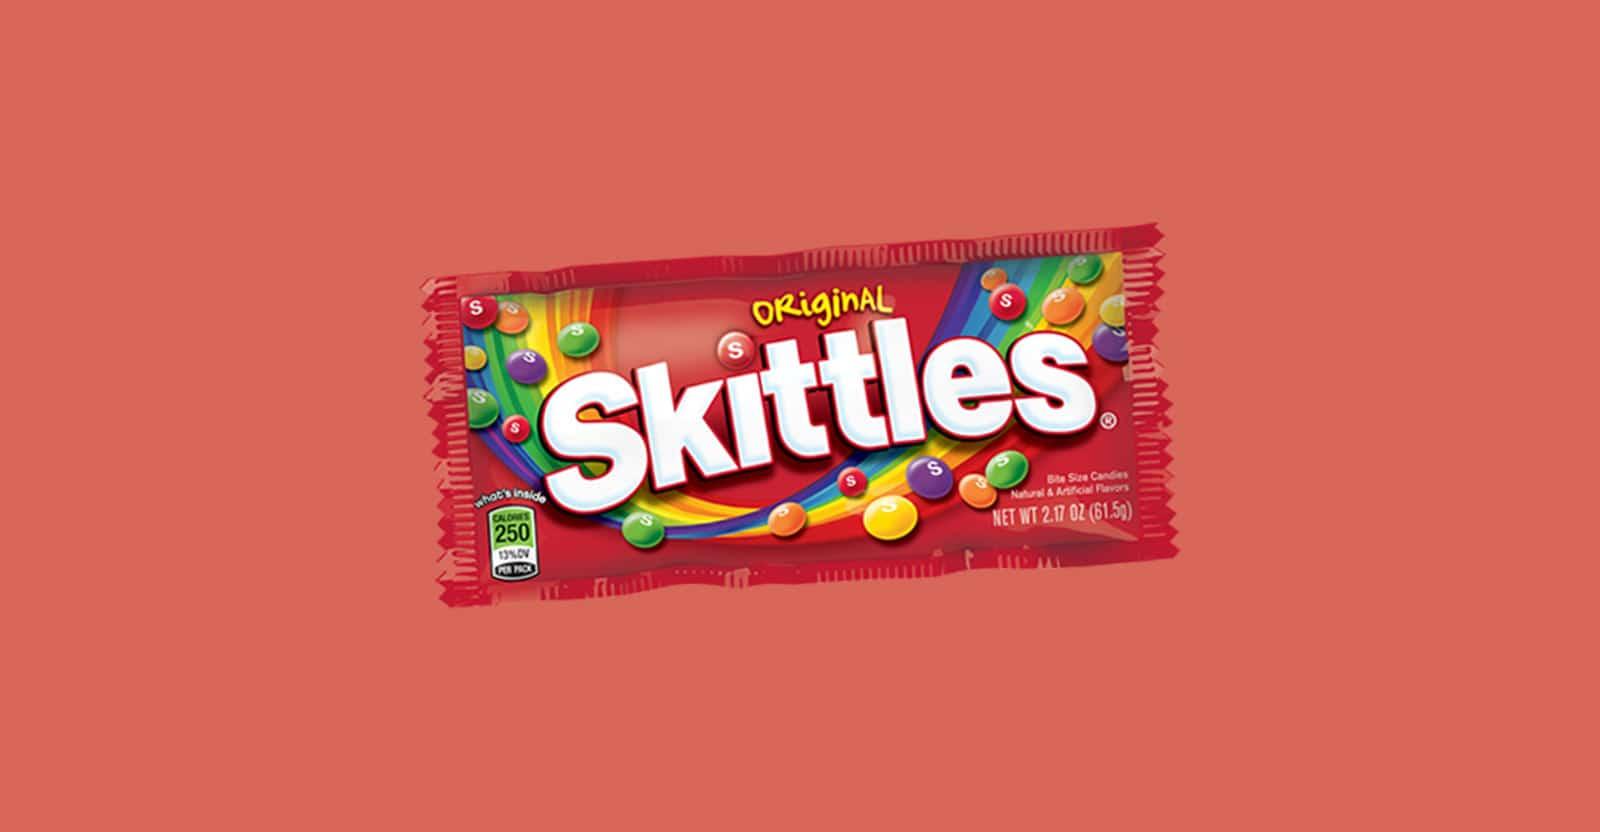 are skittles gluten-free